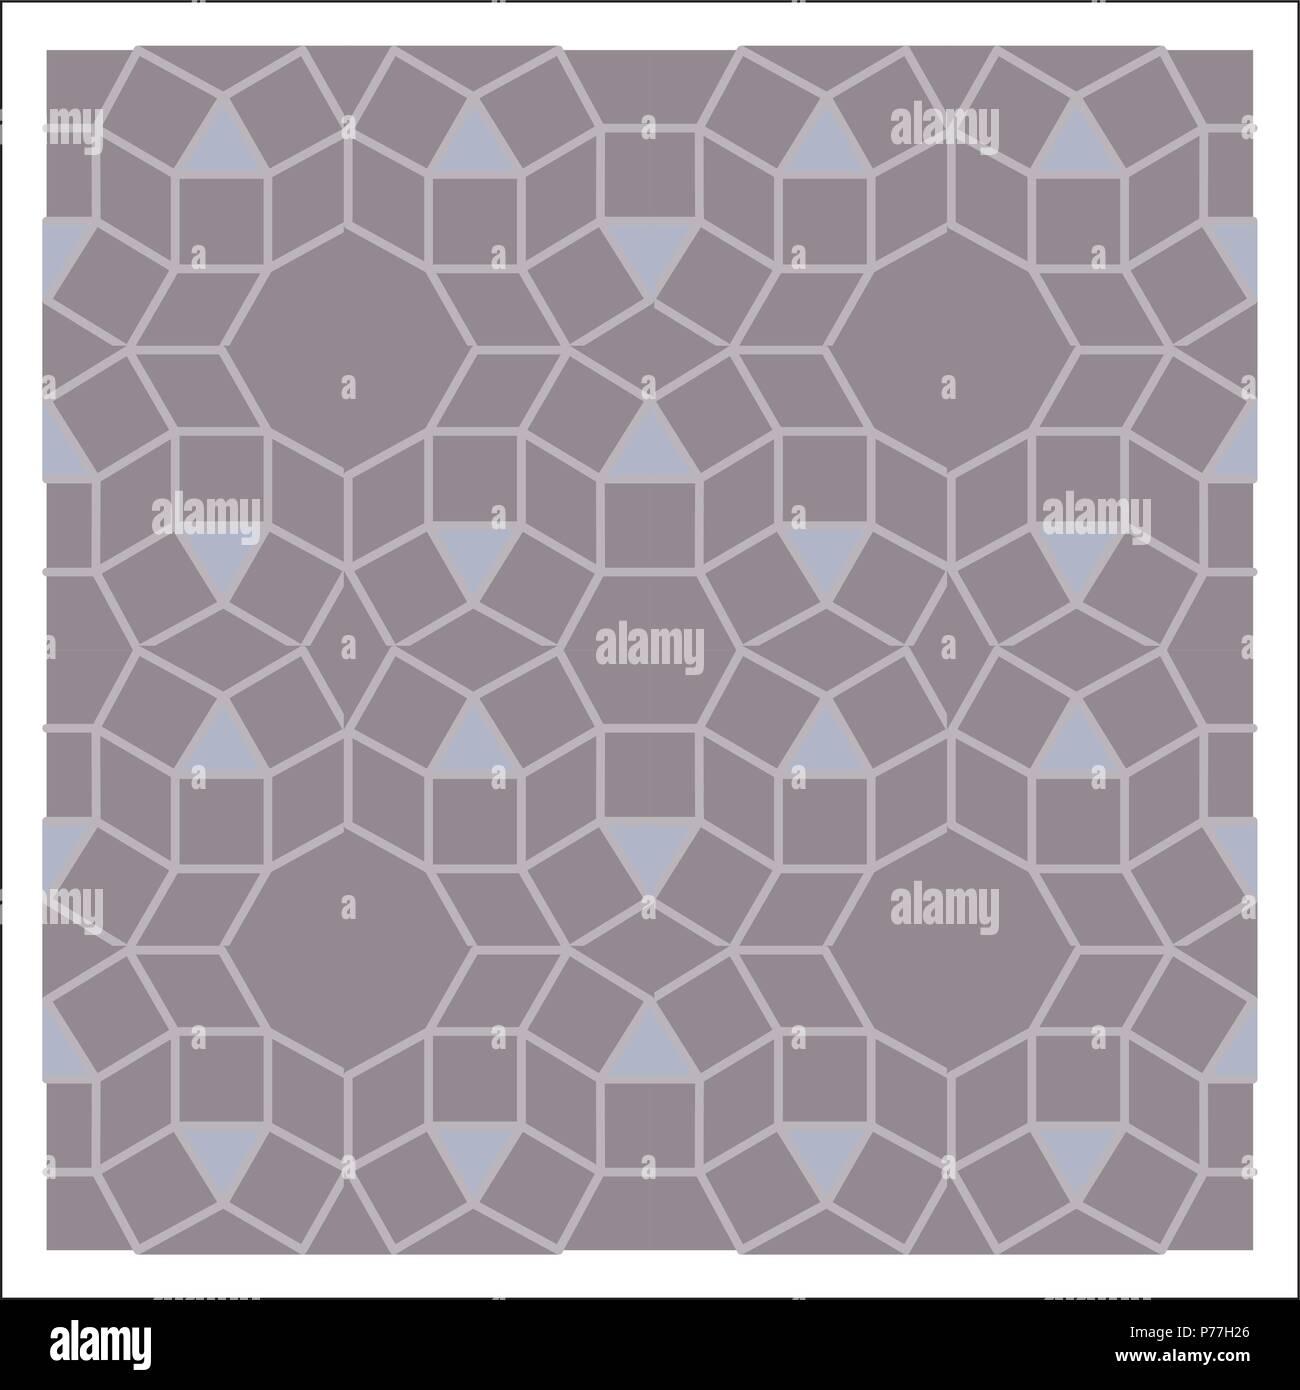 Buntes Mosaik Muster Fliesenlegen Blocke Vektor Abbildung Bild